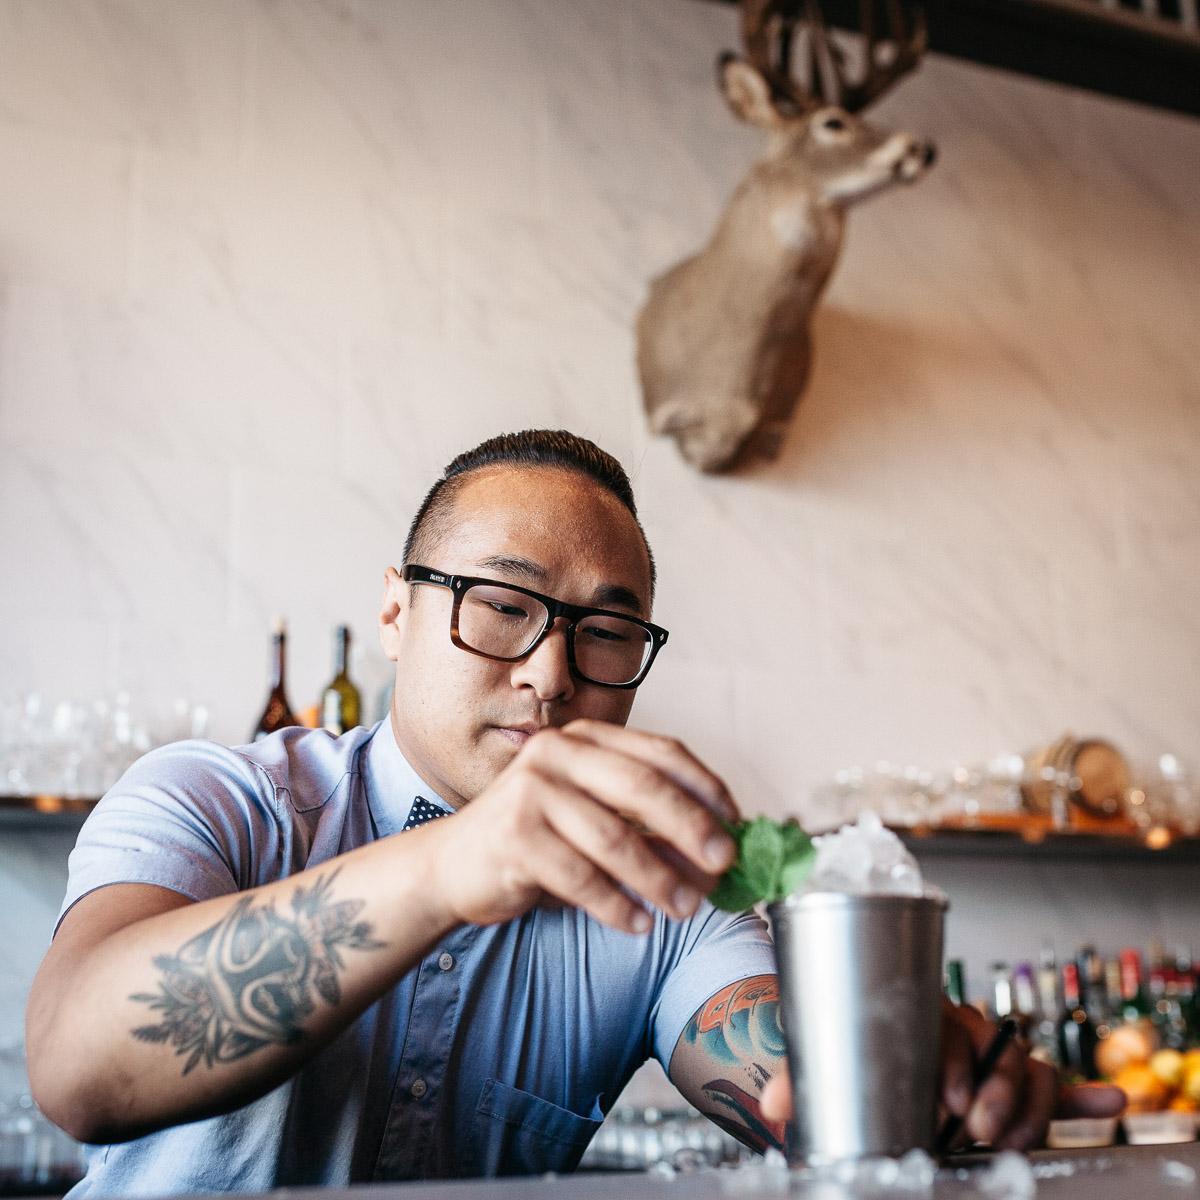 Saskatoon-0012-Mint-Julip-Chris-Cho-Bartending-Ayden-Kitchen-And-Bar-Photography.jpg